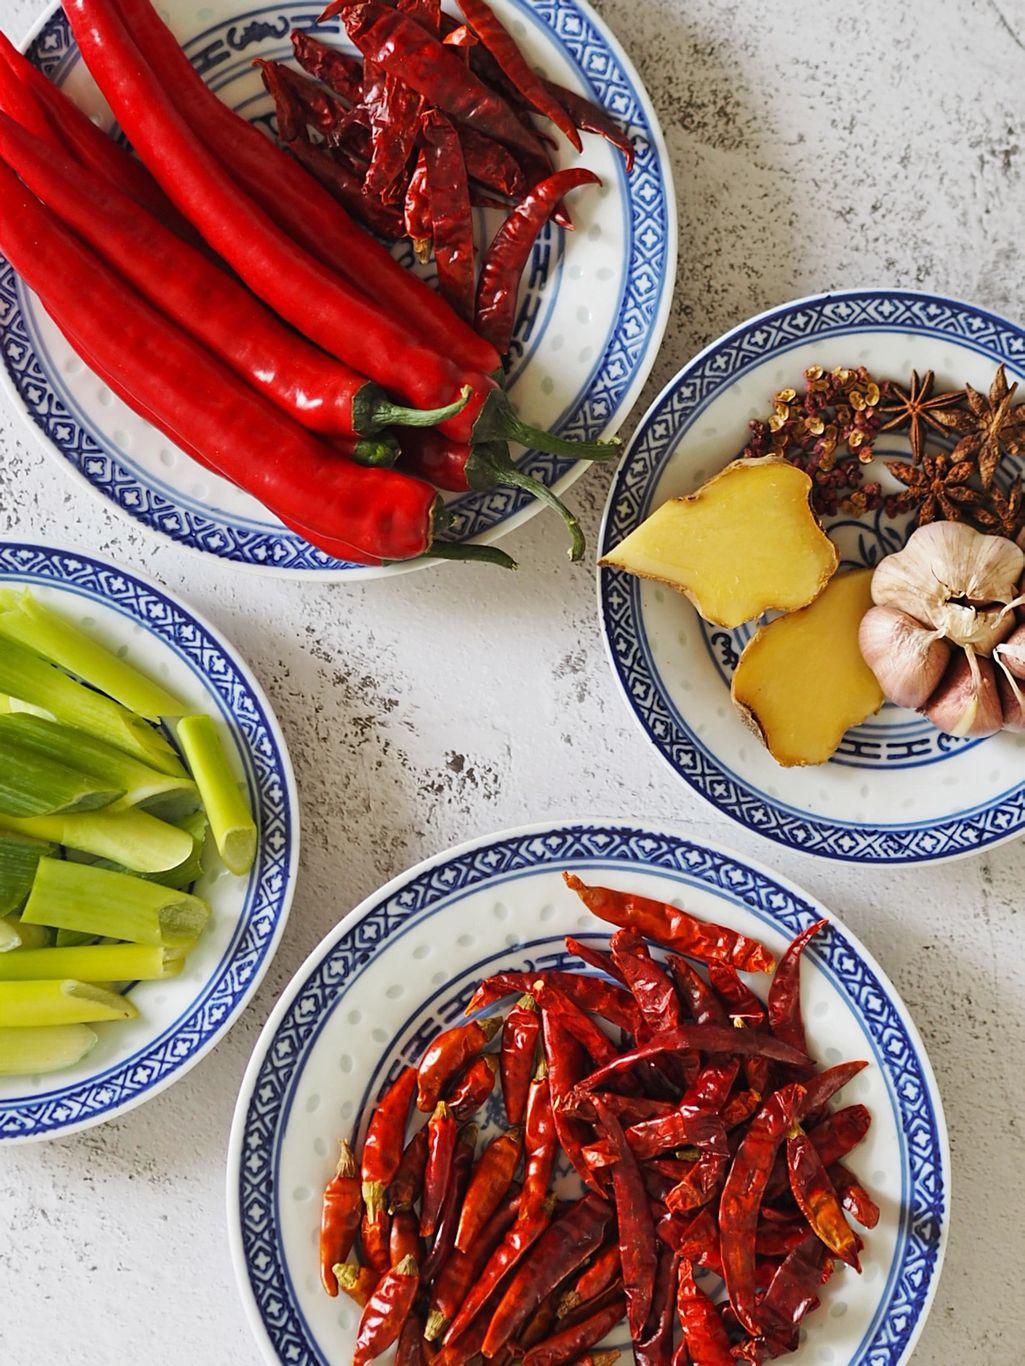 Med så mye chilli er kanskje ikke denne retten for de sarteste sjelene. Men de som tåler en støyt får alt de ønsker seg.